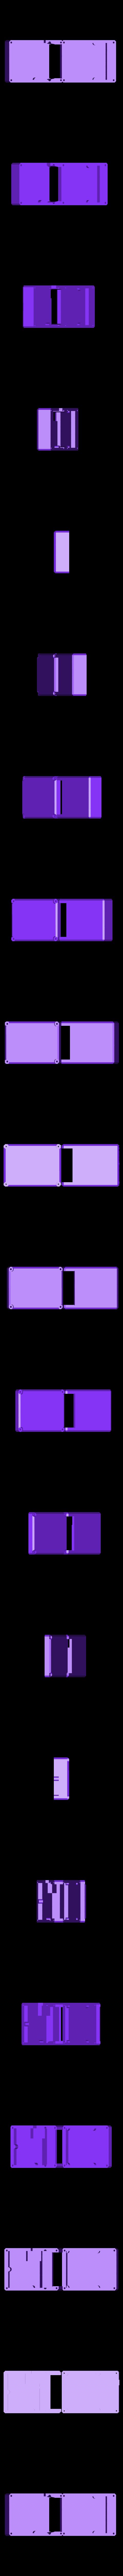 KDS01.STL Télécharger fichier STL gratuit Étui Gyro imprimable KDS EBAR V2 Flybarless • Objet pour impression 3D, tahustvedt